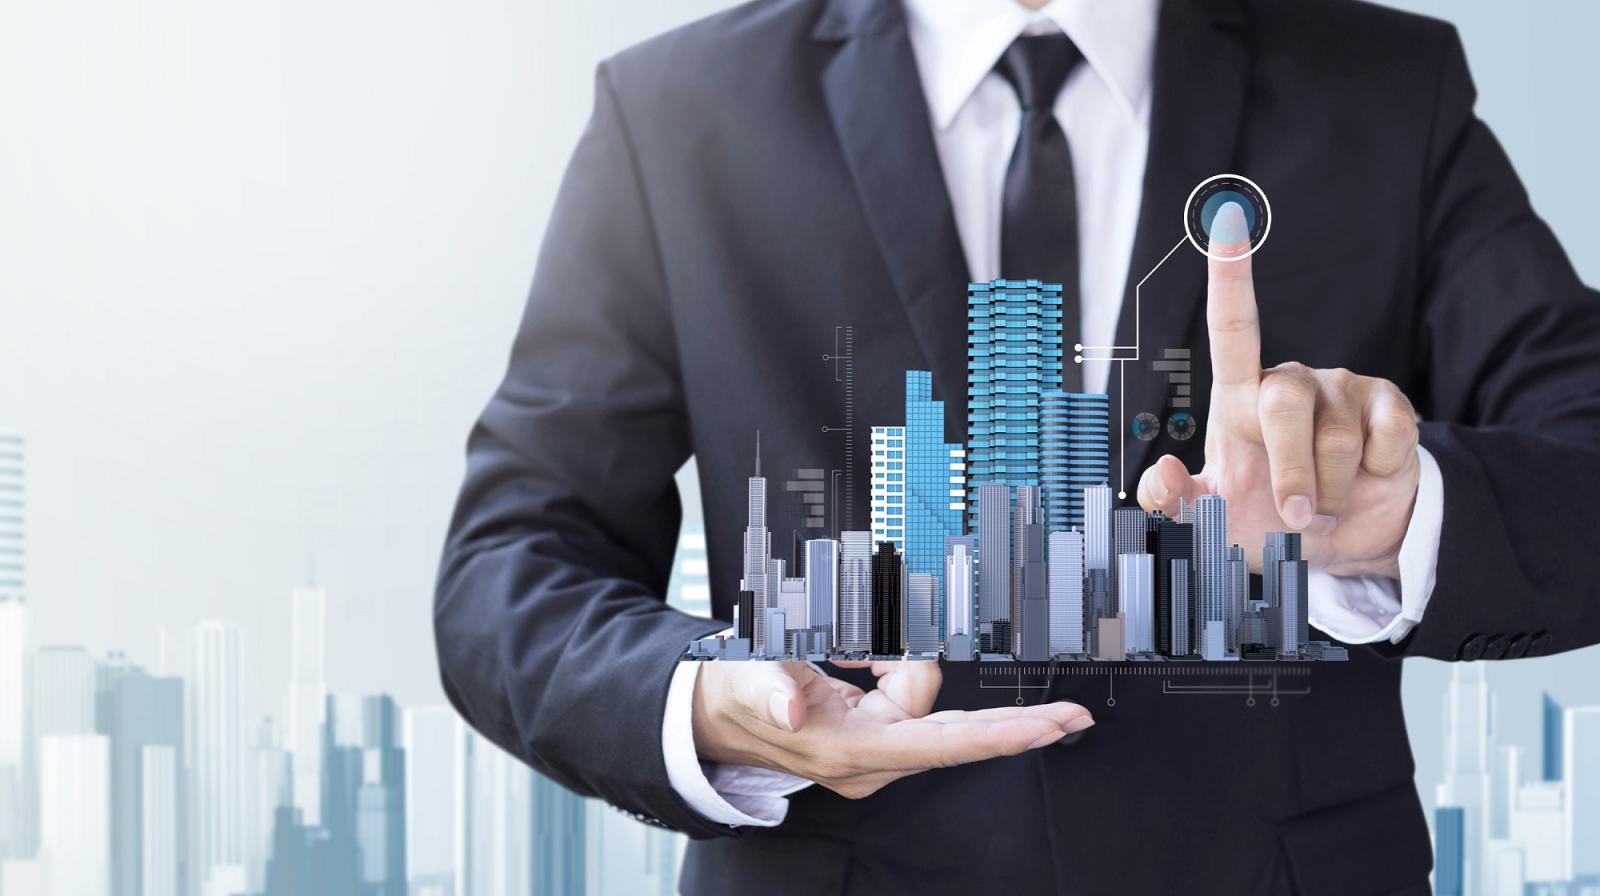 hình ảnh người đàn ông mặc vest đen, tay nâng mô hình khu đô thị